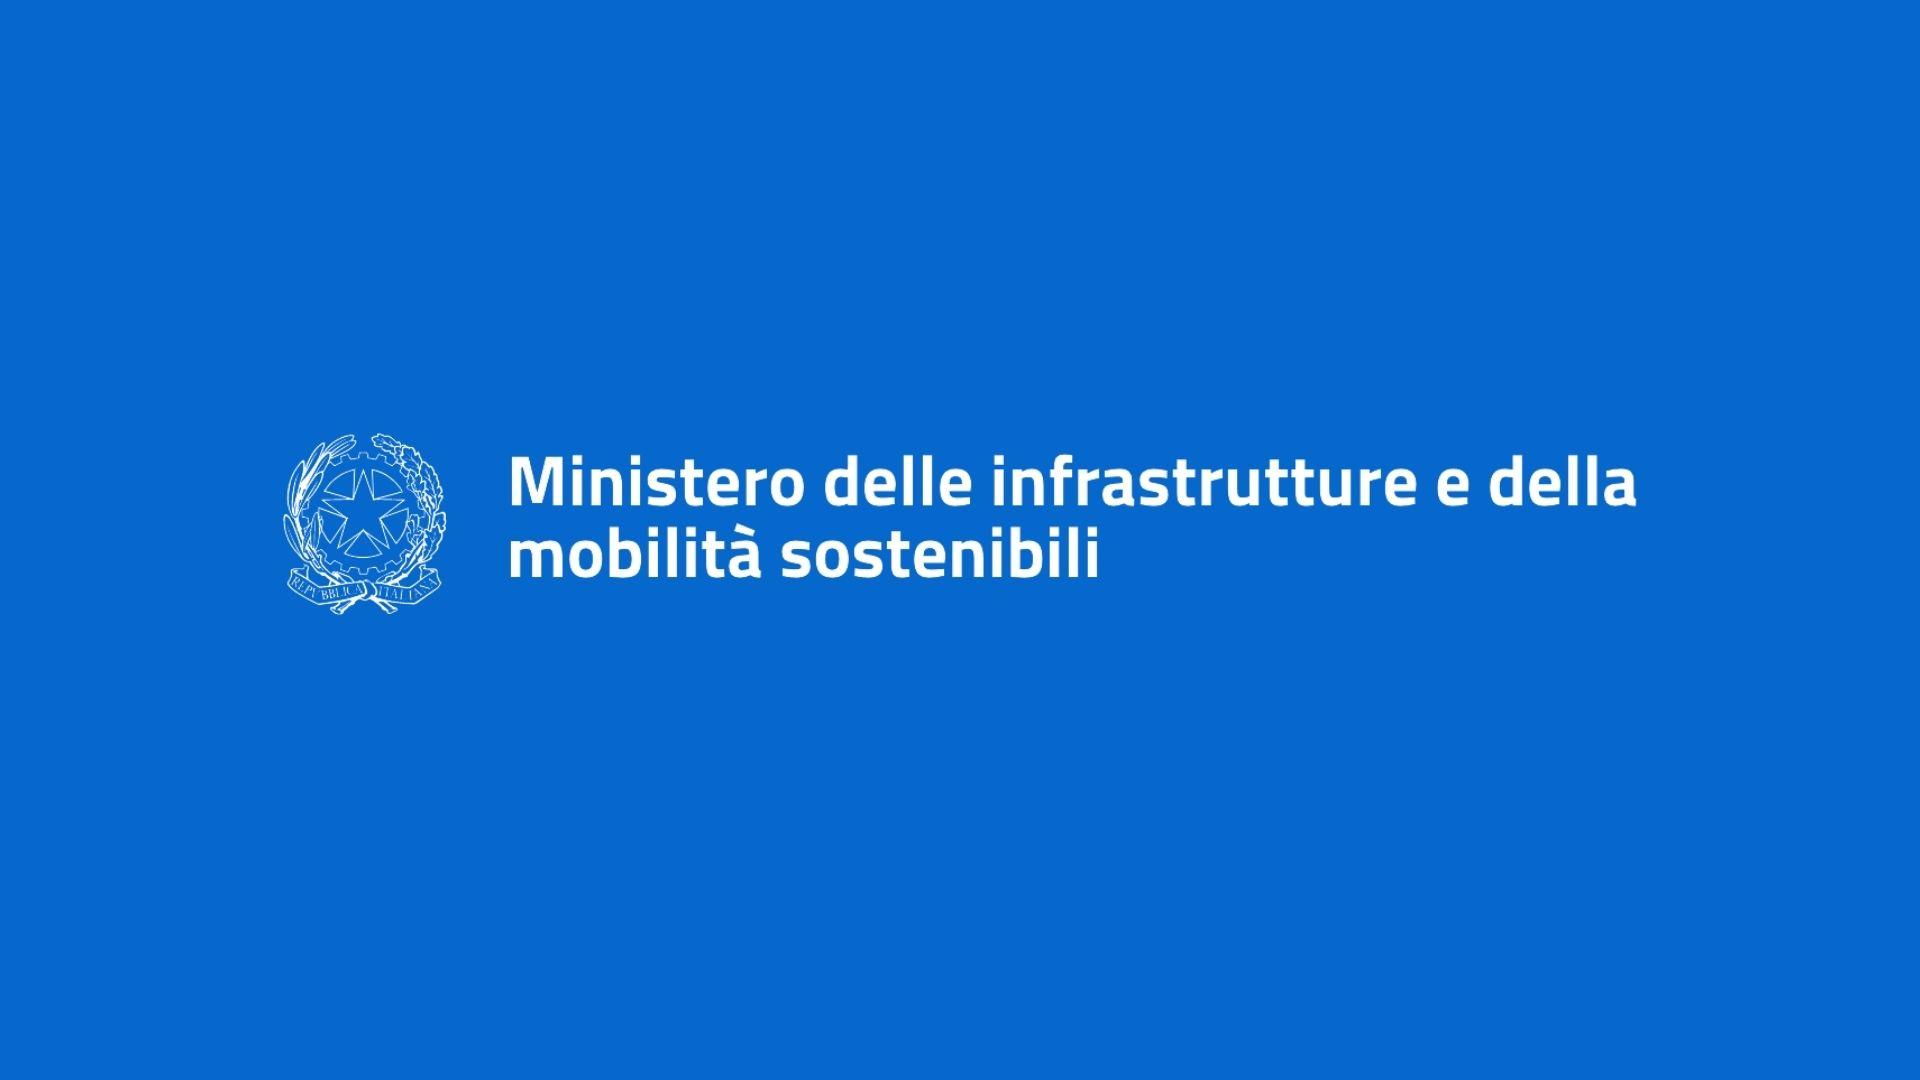 MIMS: assegnate le deleghe ai viceministri Bellanova e Morelli e al sottosegretario Cancelleri